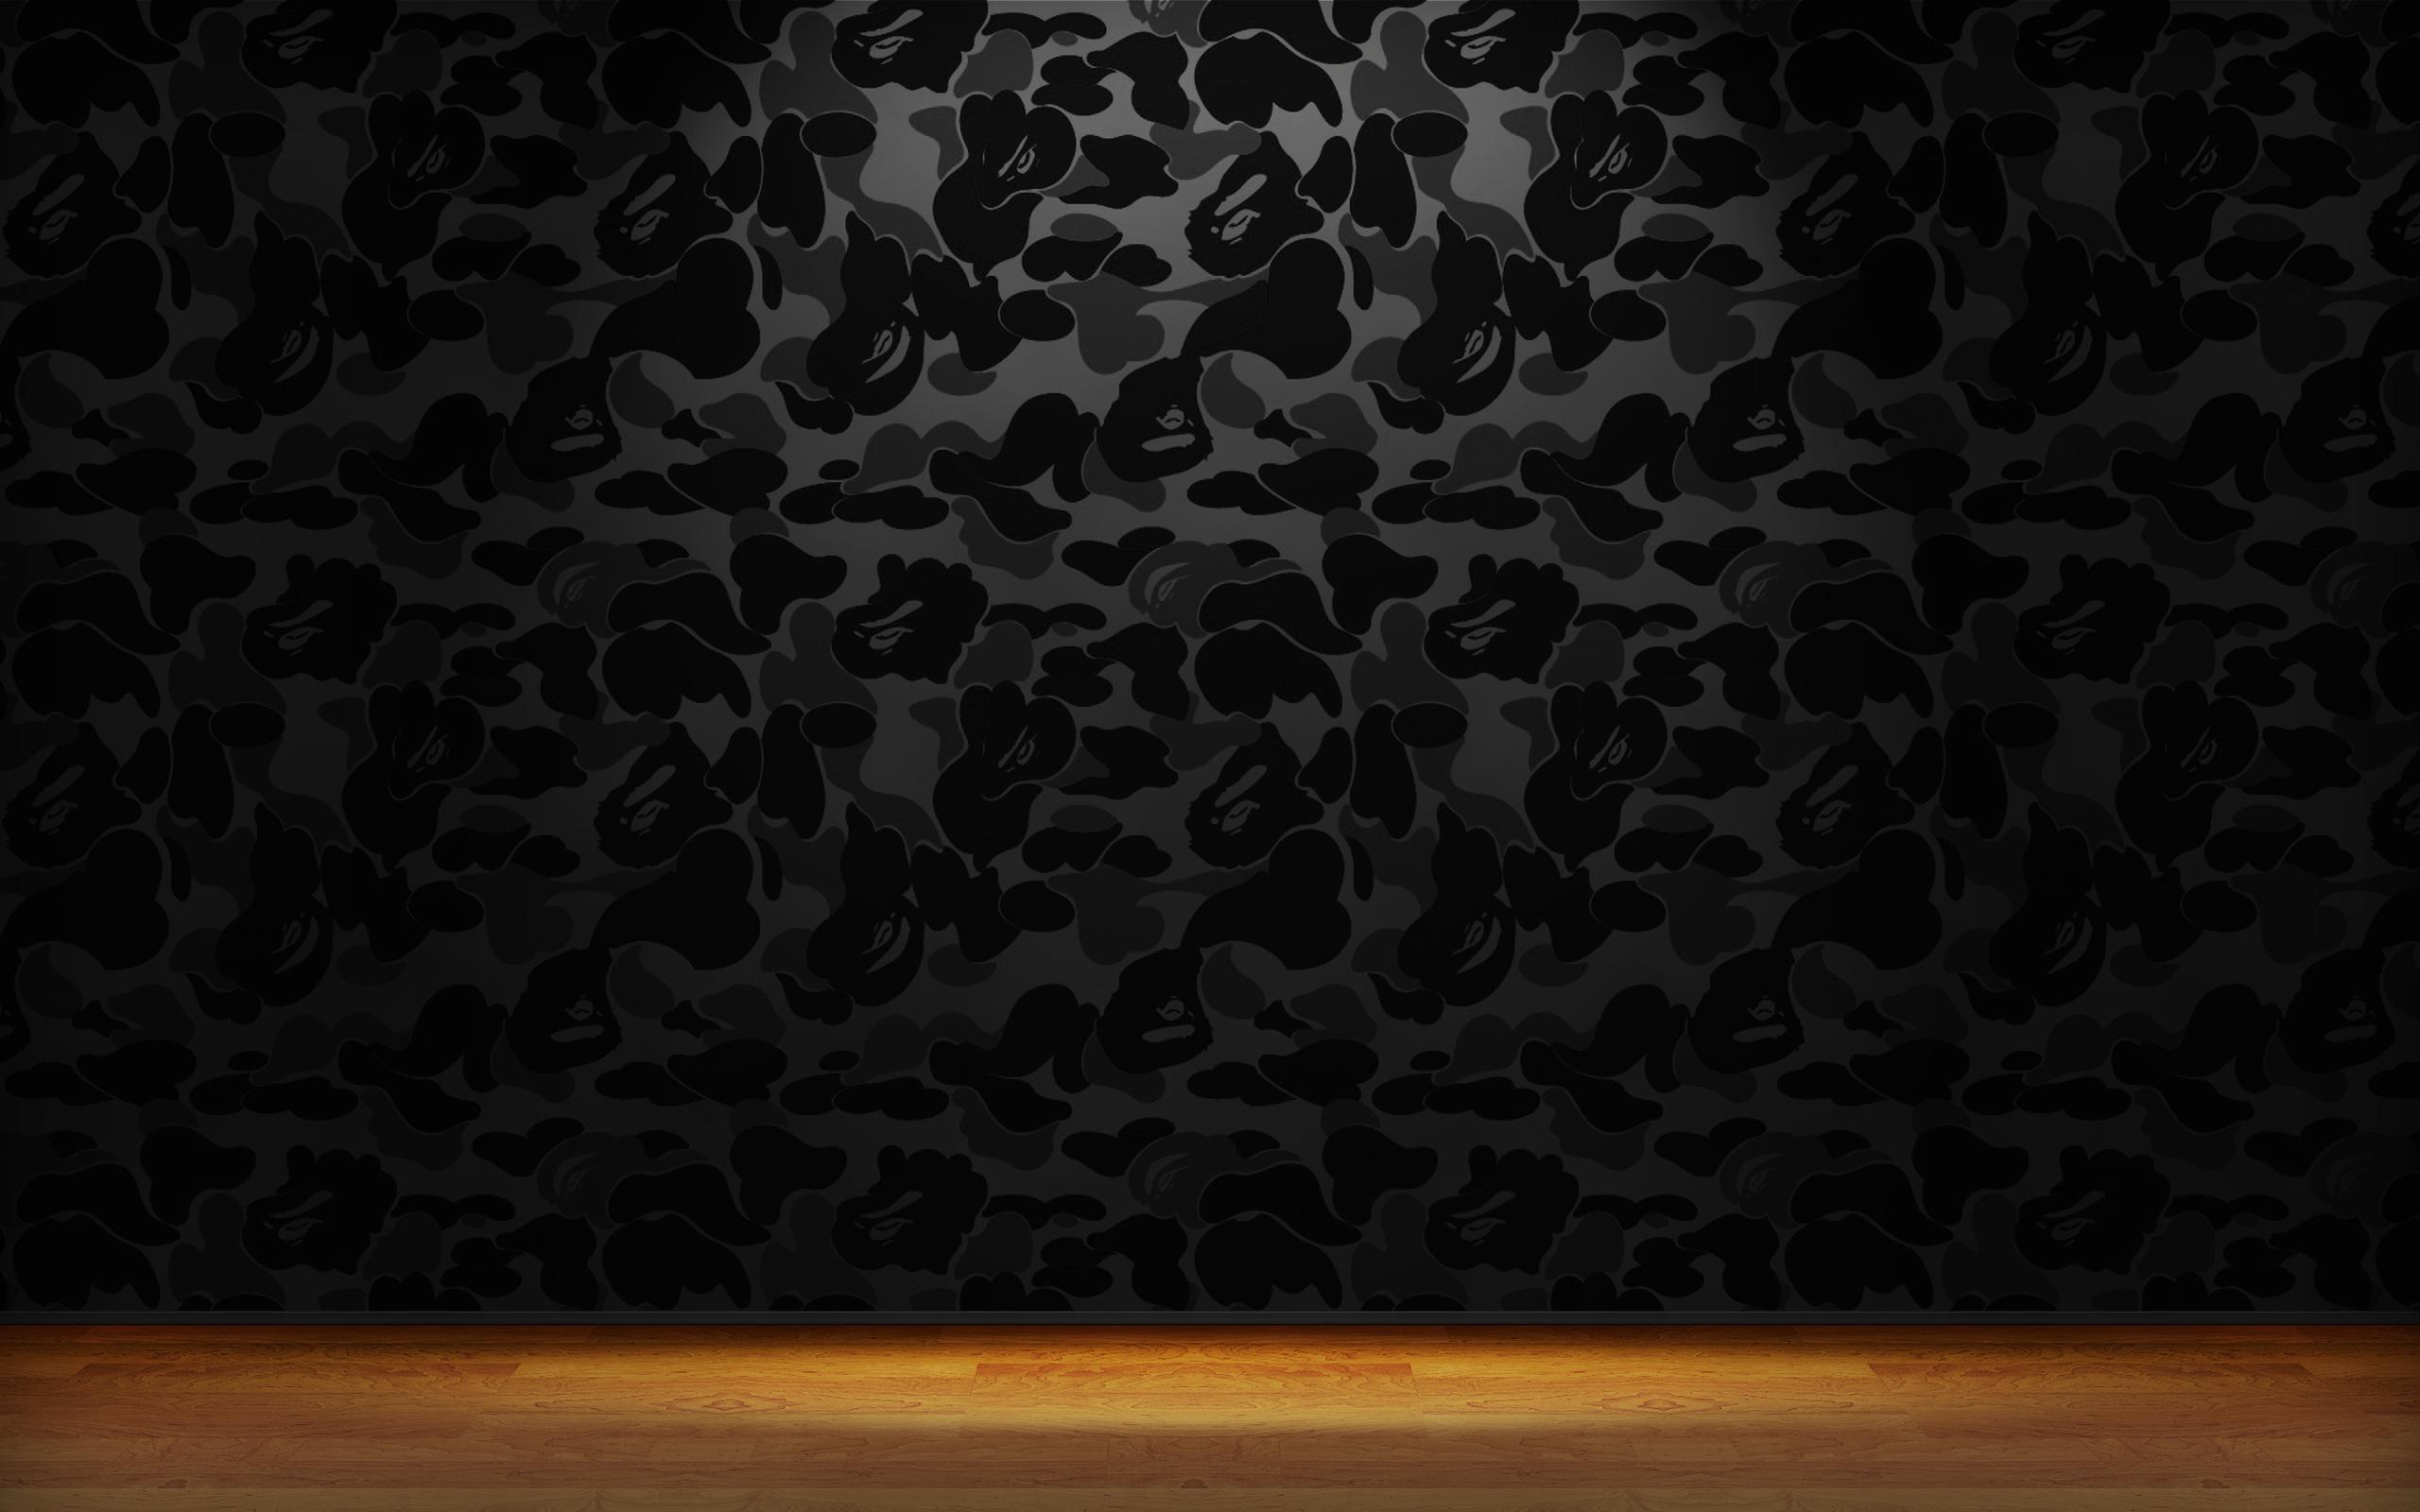 bape shark wallpaper wallpapersafari